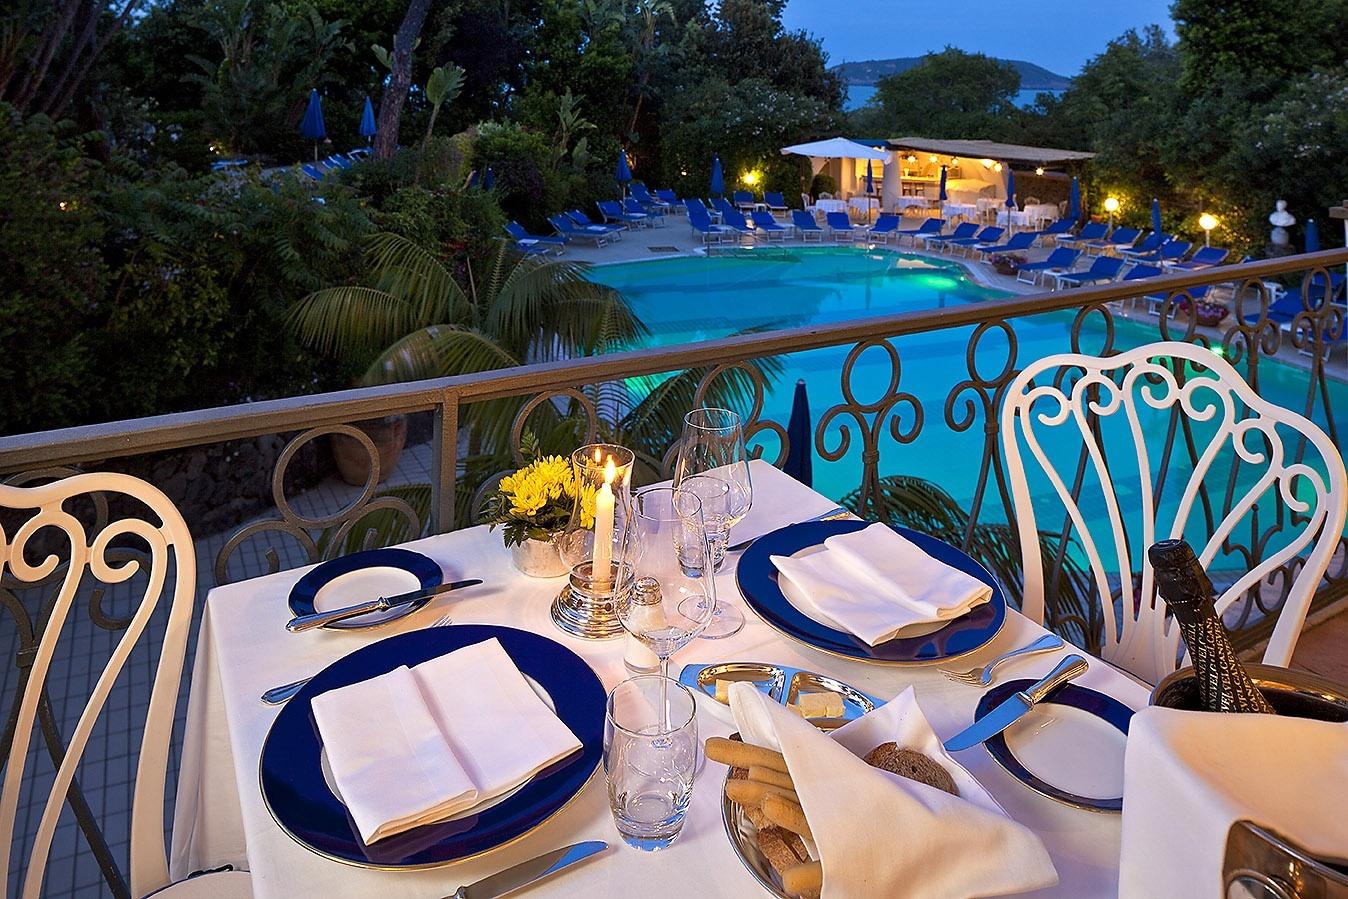 Tavolo Ristorante Hotel con vista piscina